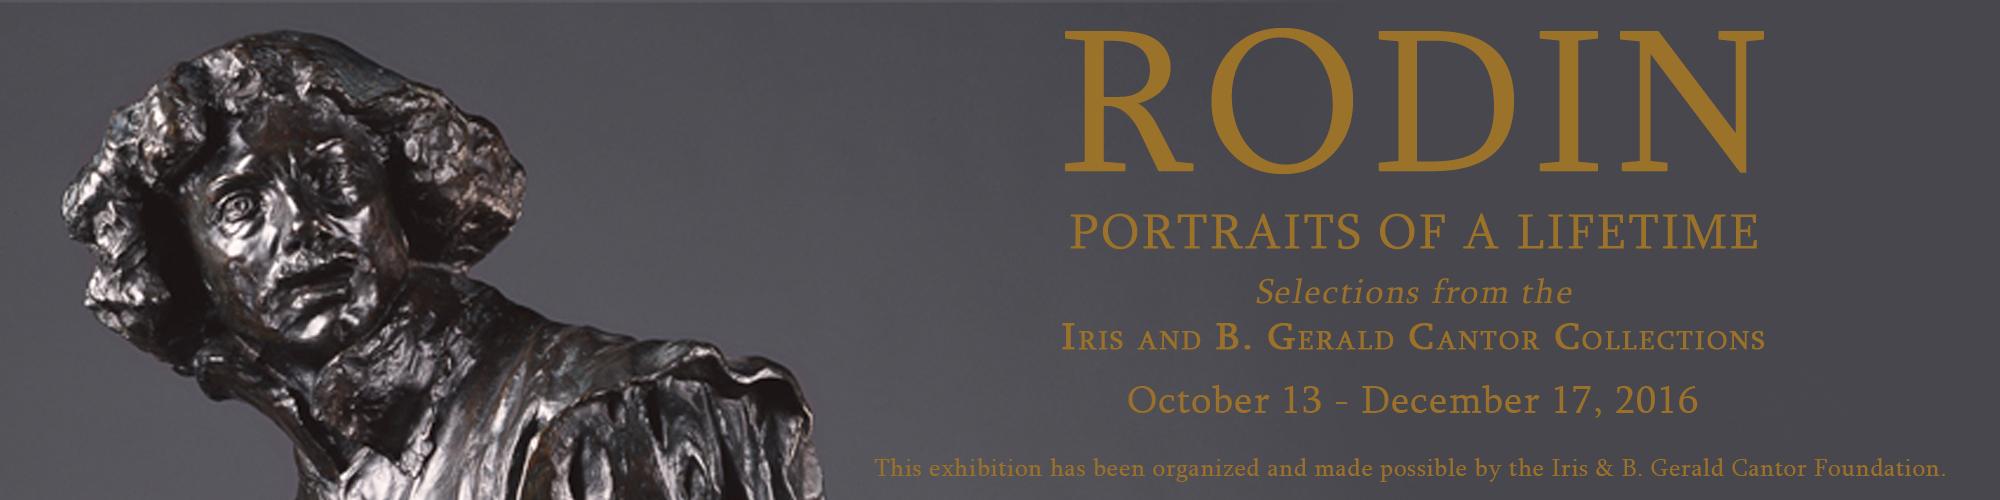 Rodin web banner.jpg